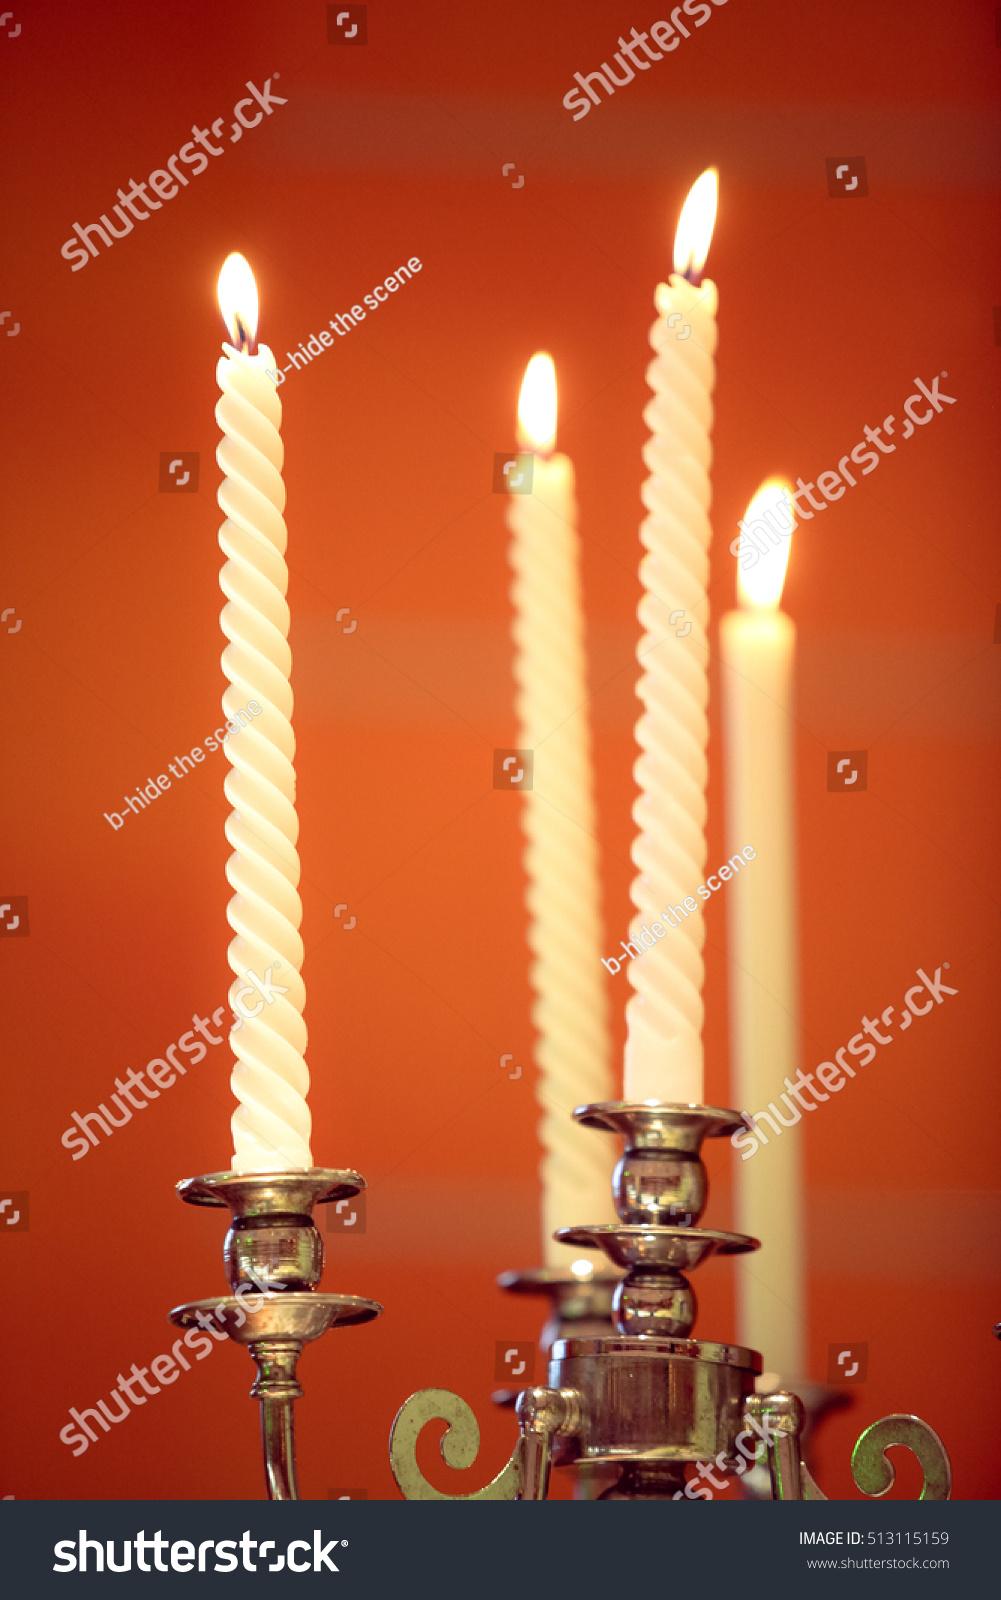 Unity Candle Wedding Ceremony Symbolize Joining Stock Photo Edit